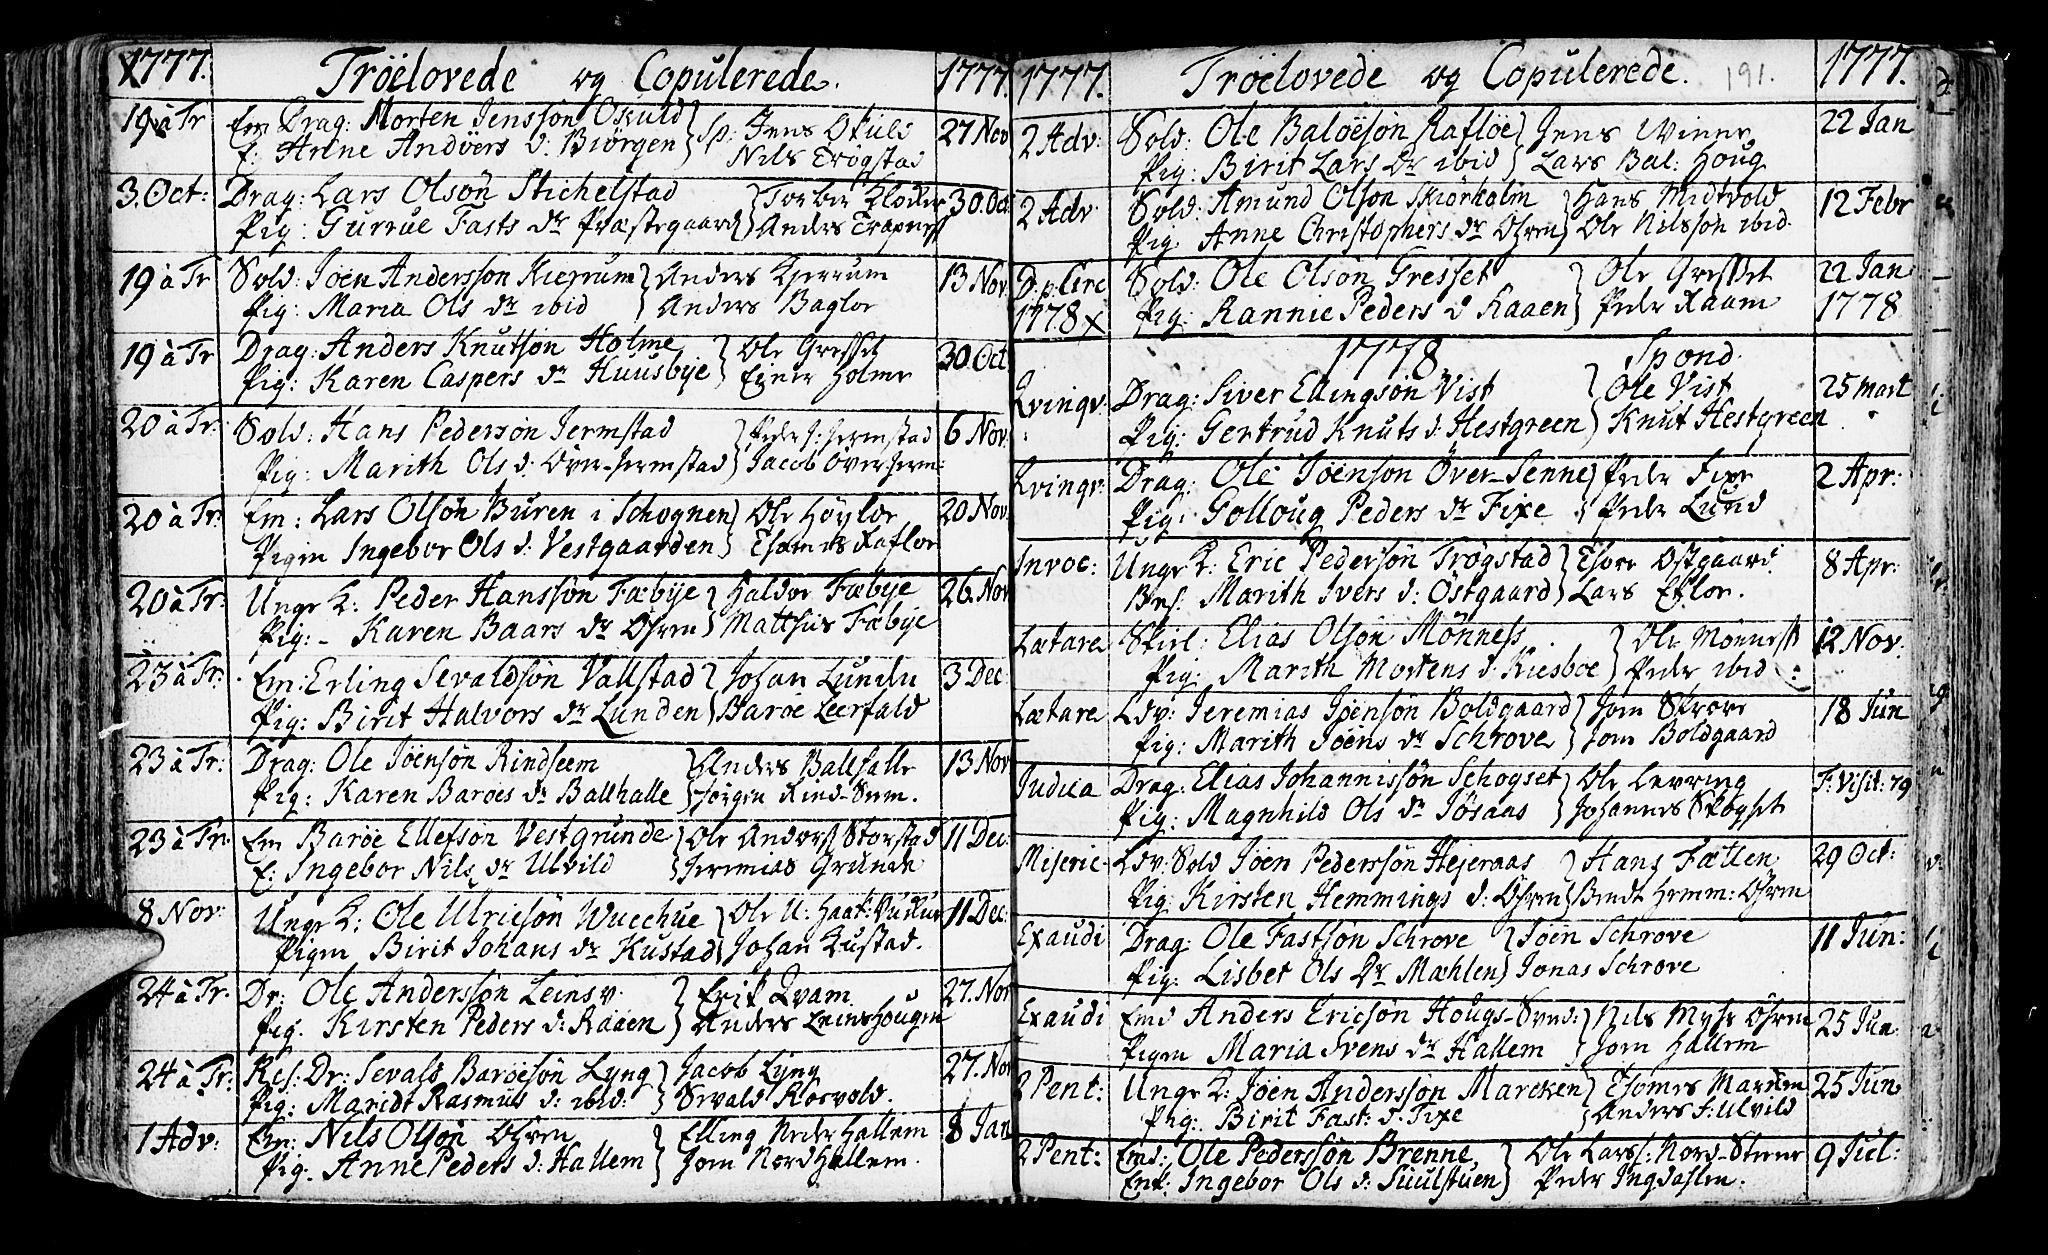 SAT, Ministerialprotokoller, klokkerbøker og fødselsregistre - Nord-Trøndelag, 723/L0231: Ministerialbok nr. 723A02, 1748-1780, s. 191